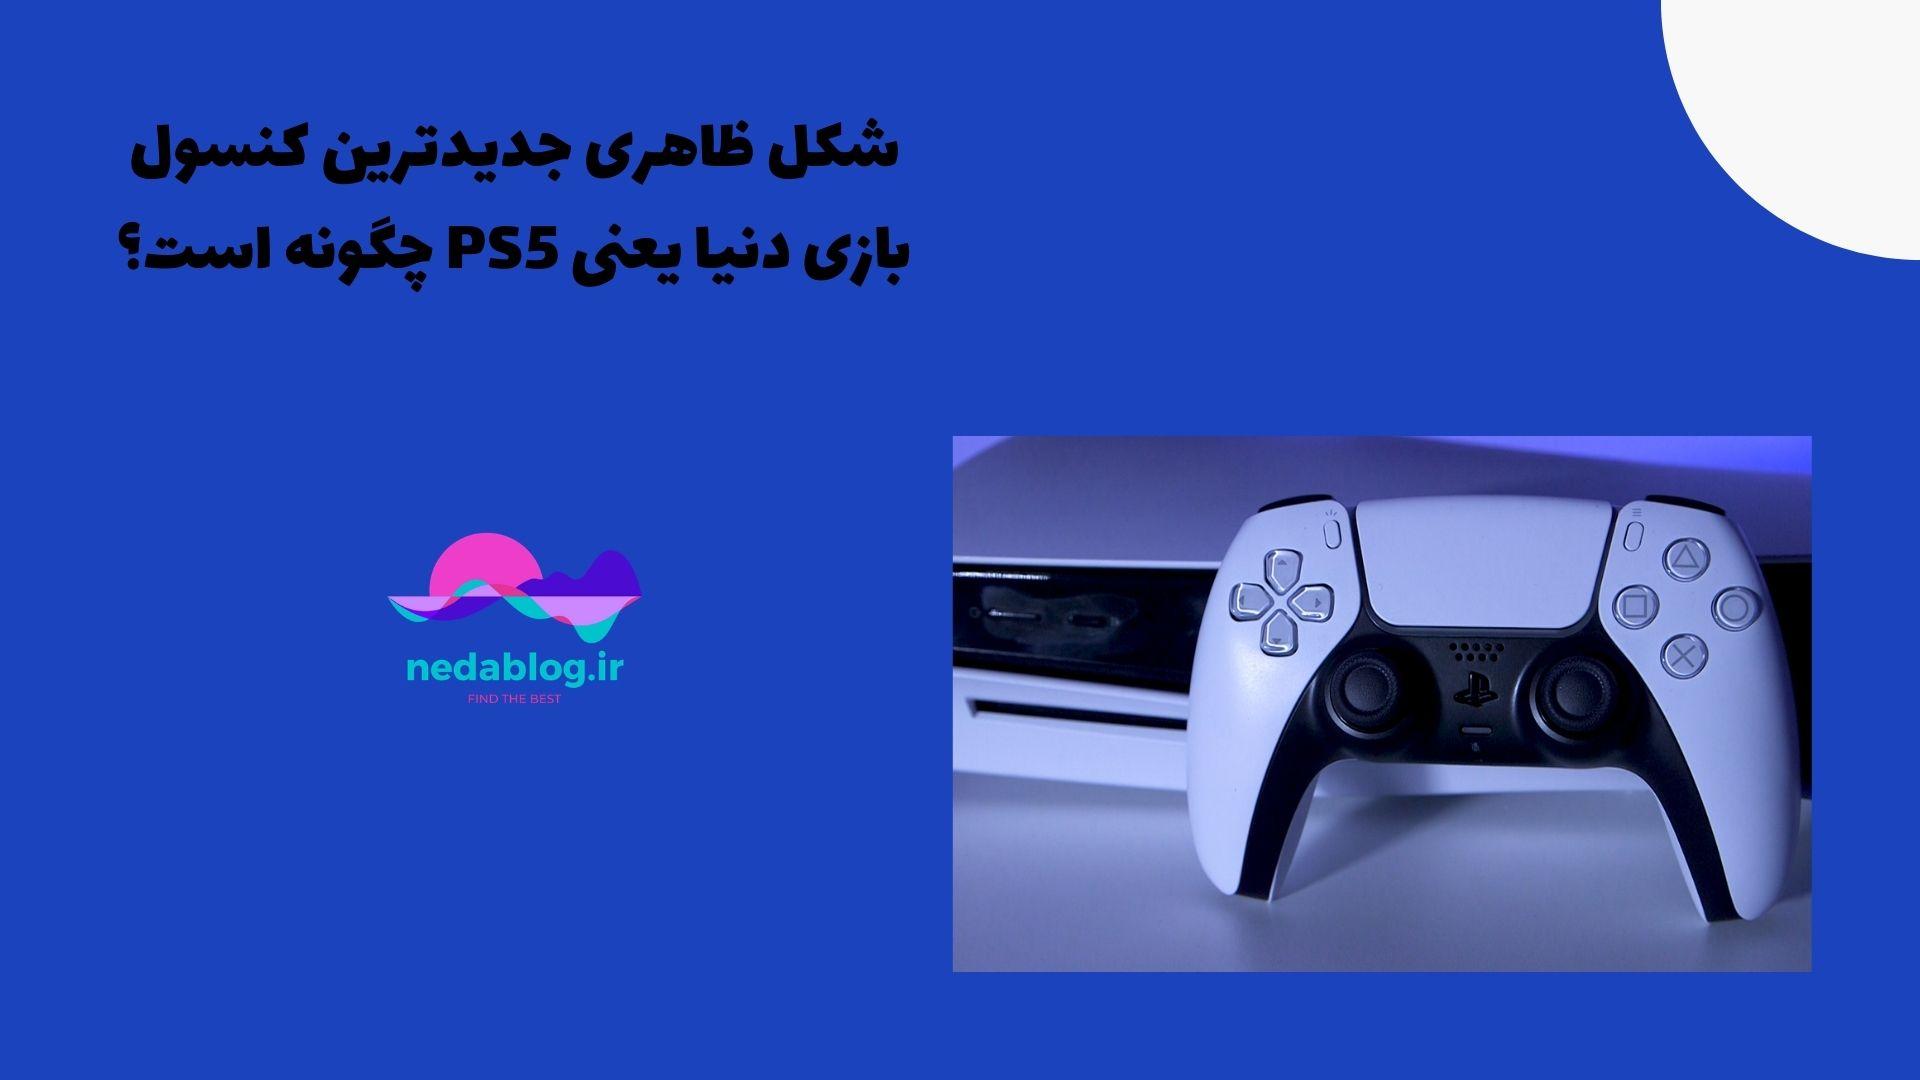 شکل ظاهری جدیدترین کنسول بازی دنیا یعنی PS5 چگونه است؟